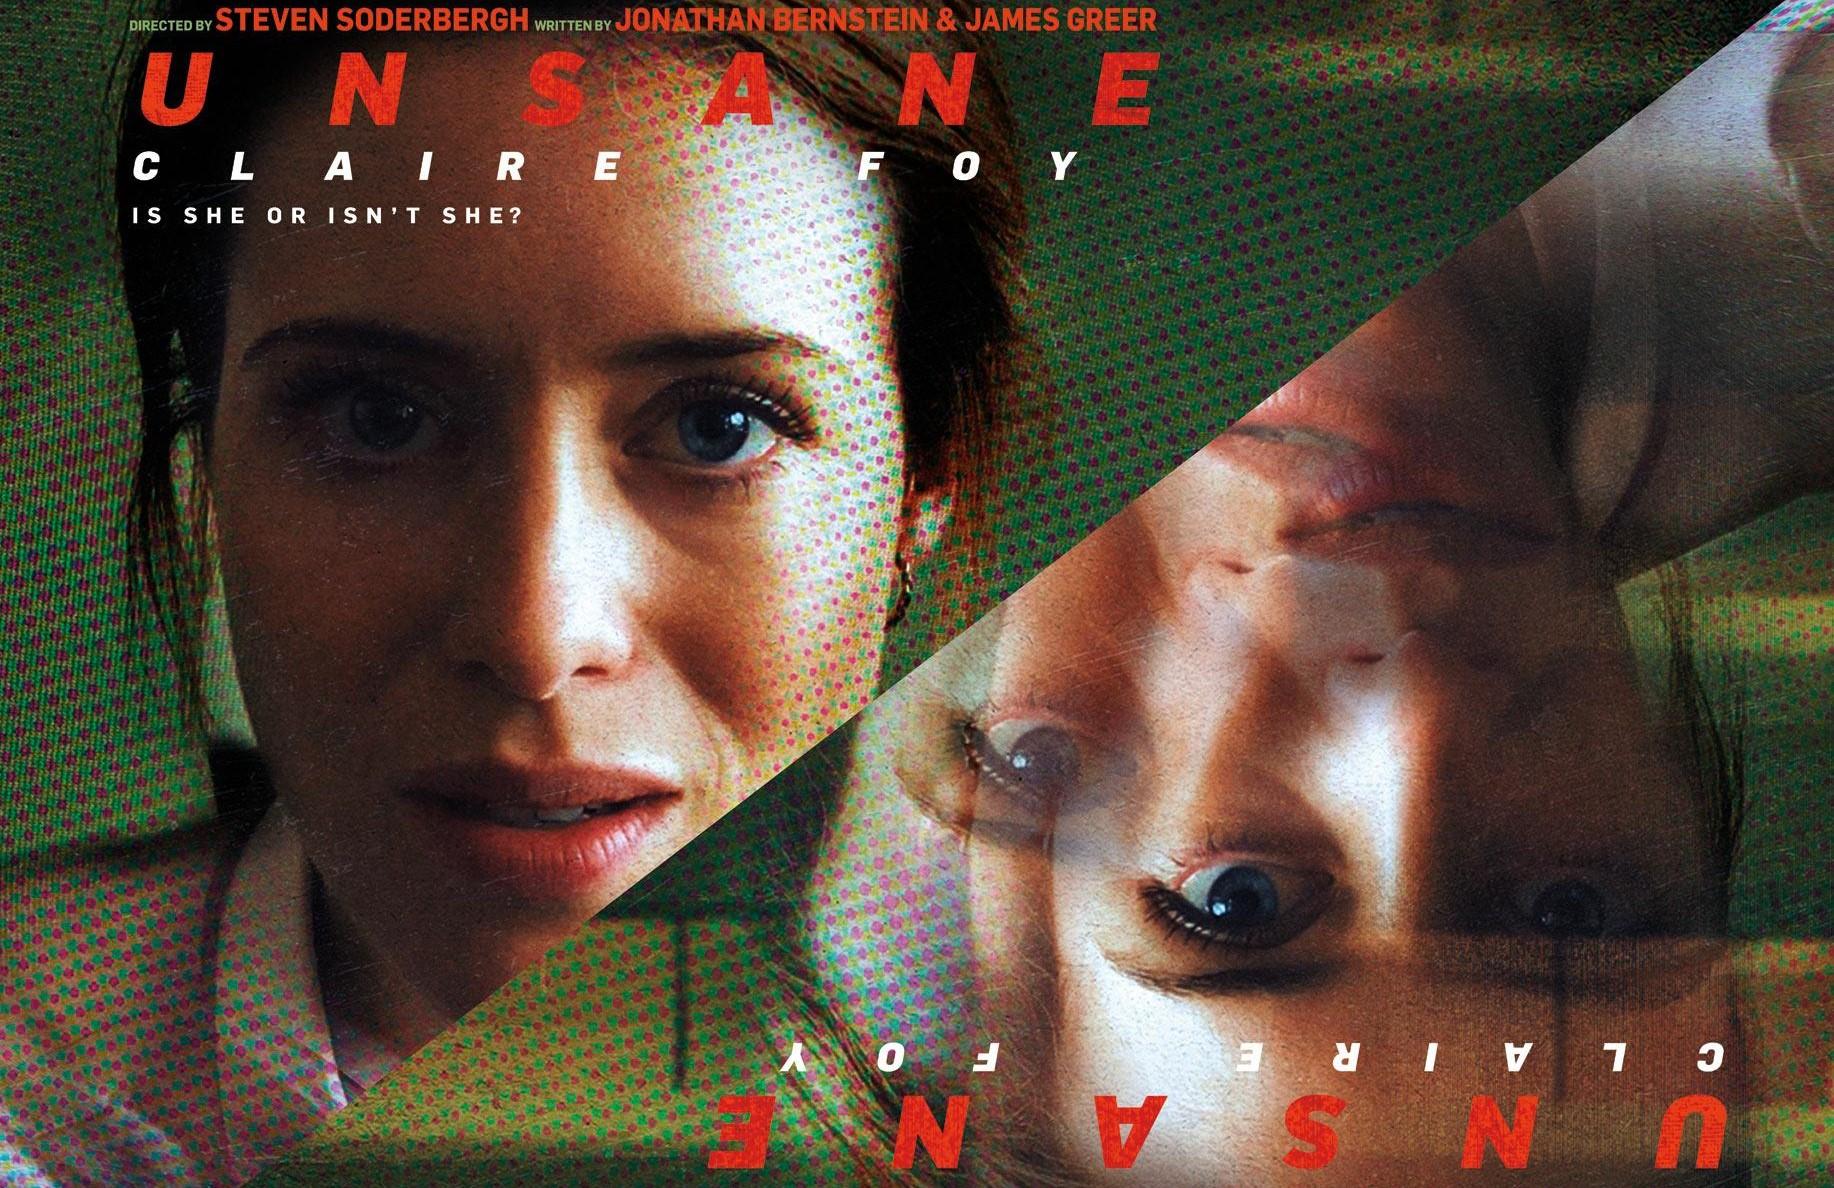 فیلم دیوانه - Unsane